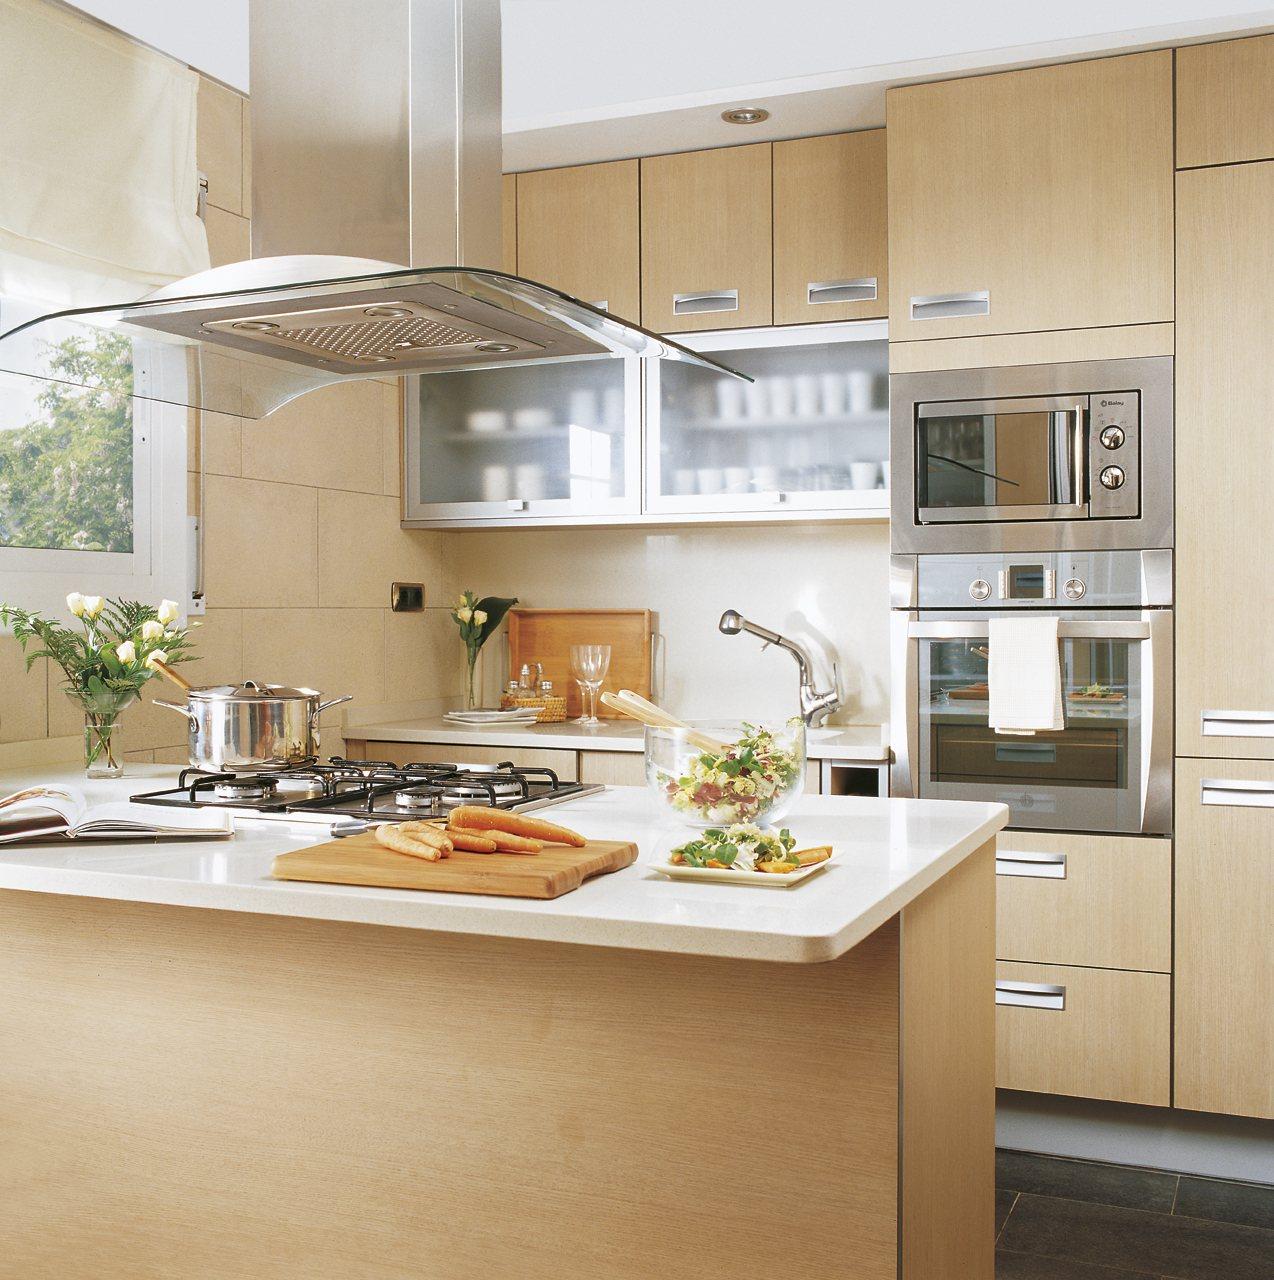 Cocinas peque as soluciones y consejos for Cocinas economicas ikea